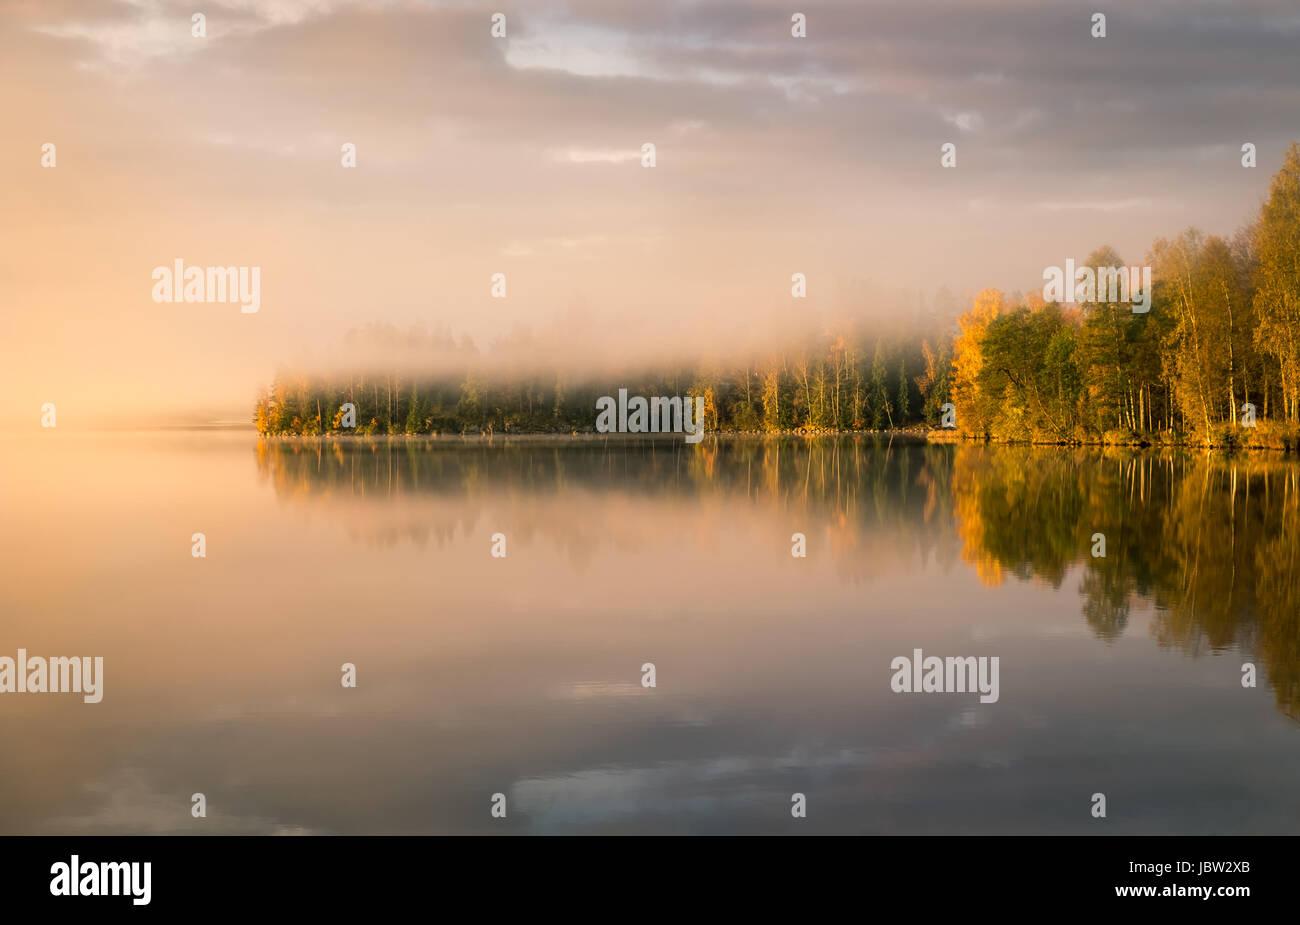 Paesaggio panoramico con il lago e i colori dell'autunno alla luce del mattino Immagini Stock